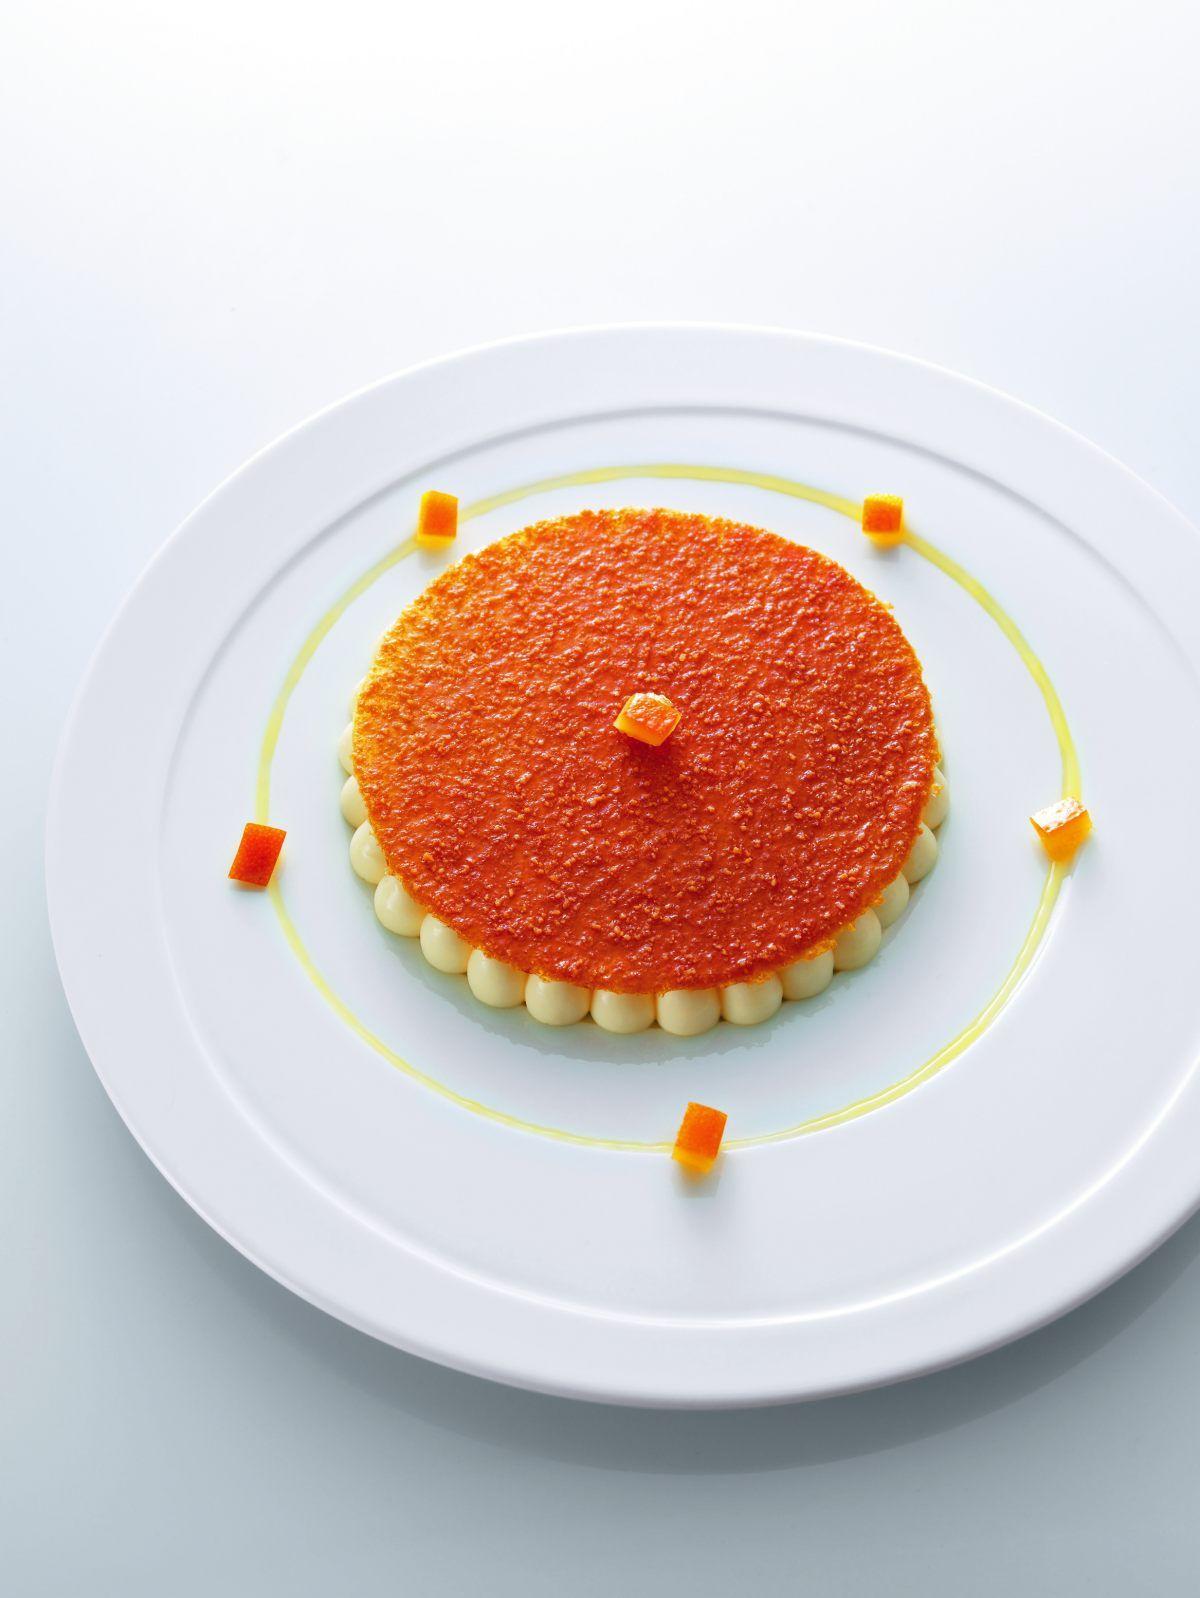 Un dessert très frais, simple et ludique, où tous les agrumes apportent un équilibre certain. *Spéciale dédicace pour Alain Ducasse…